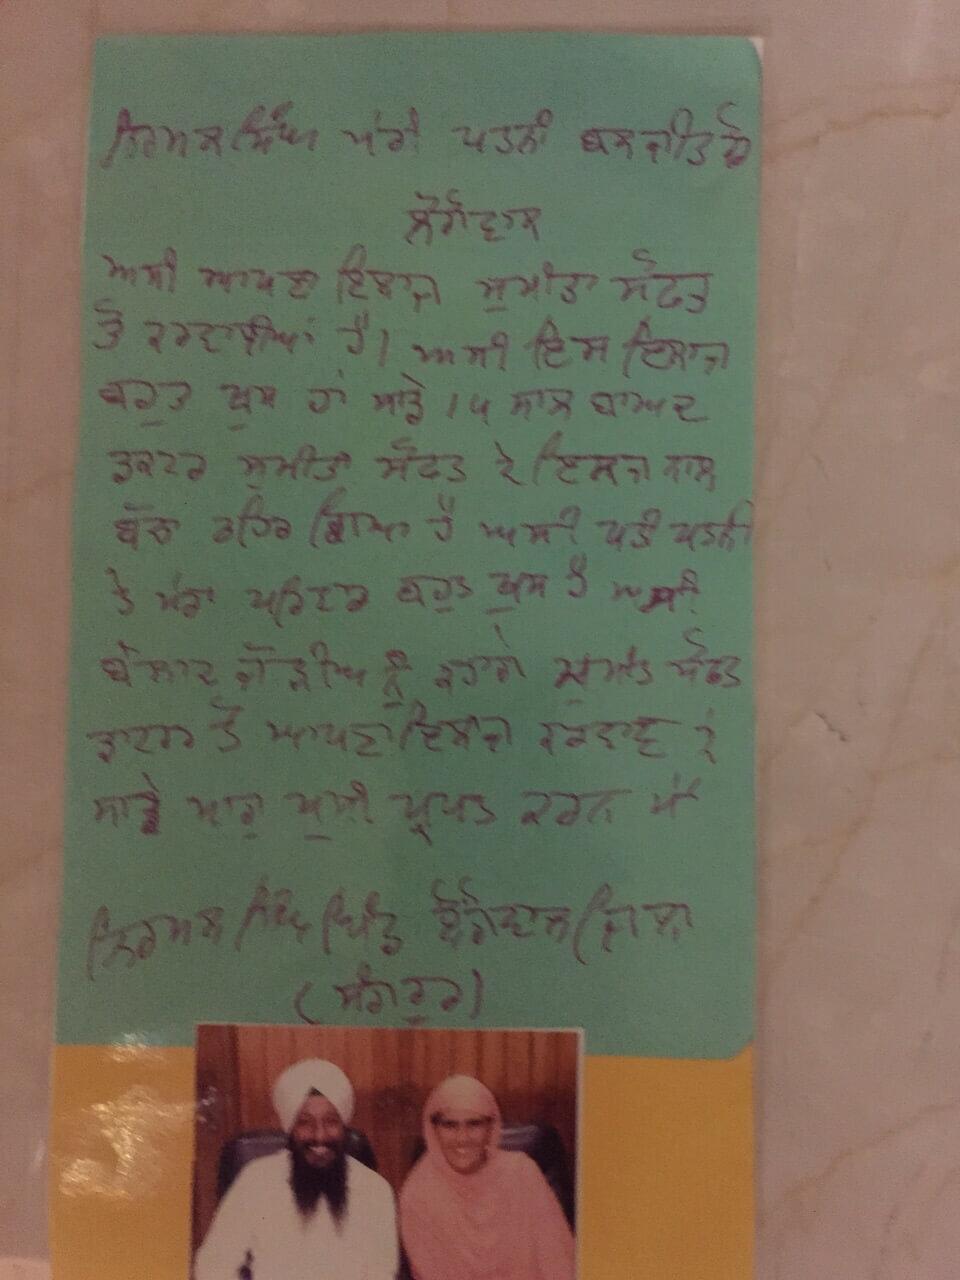 Neermal-Singh-Baljit-Kaur